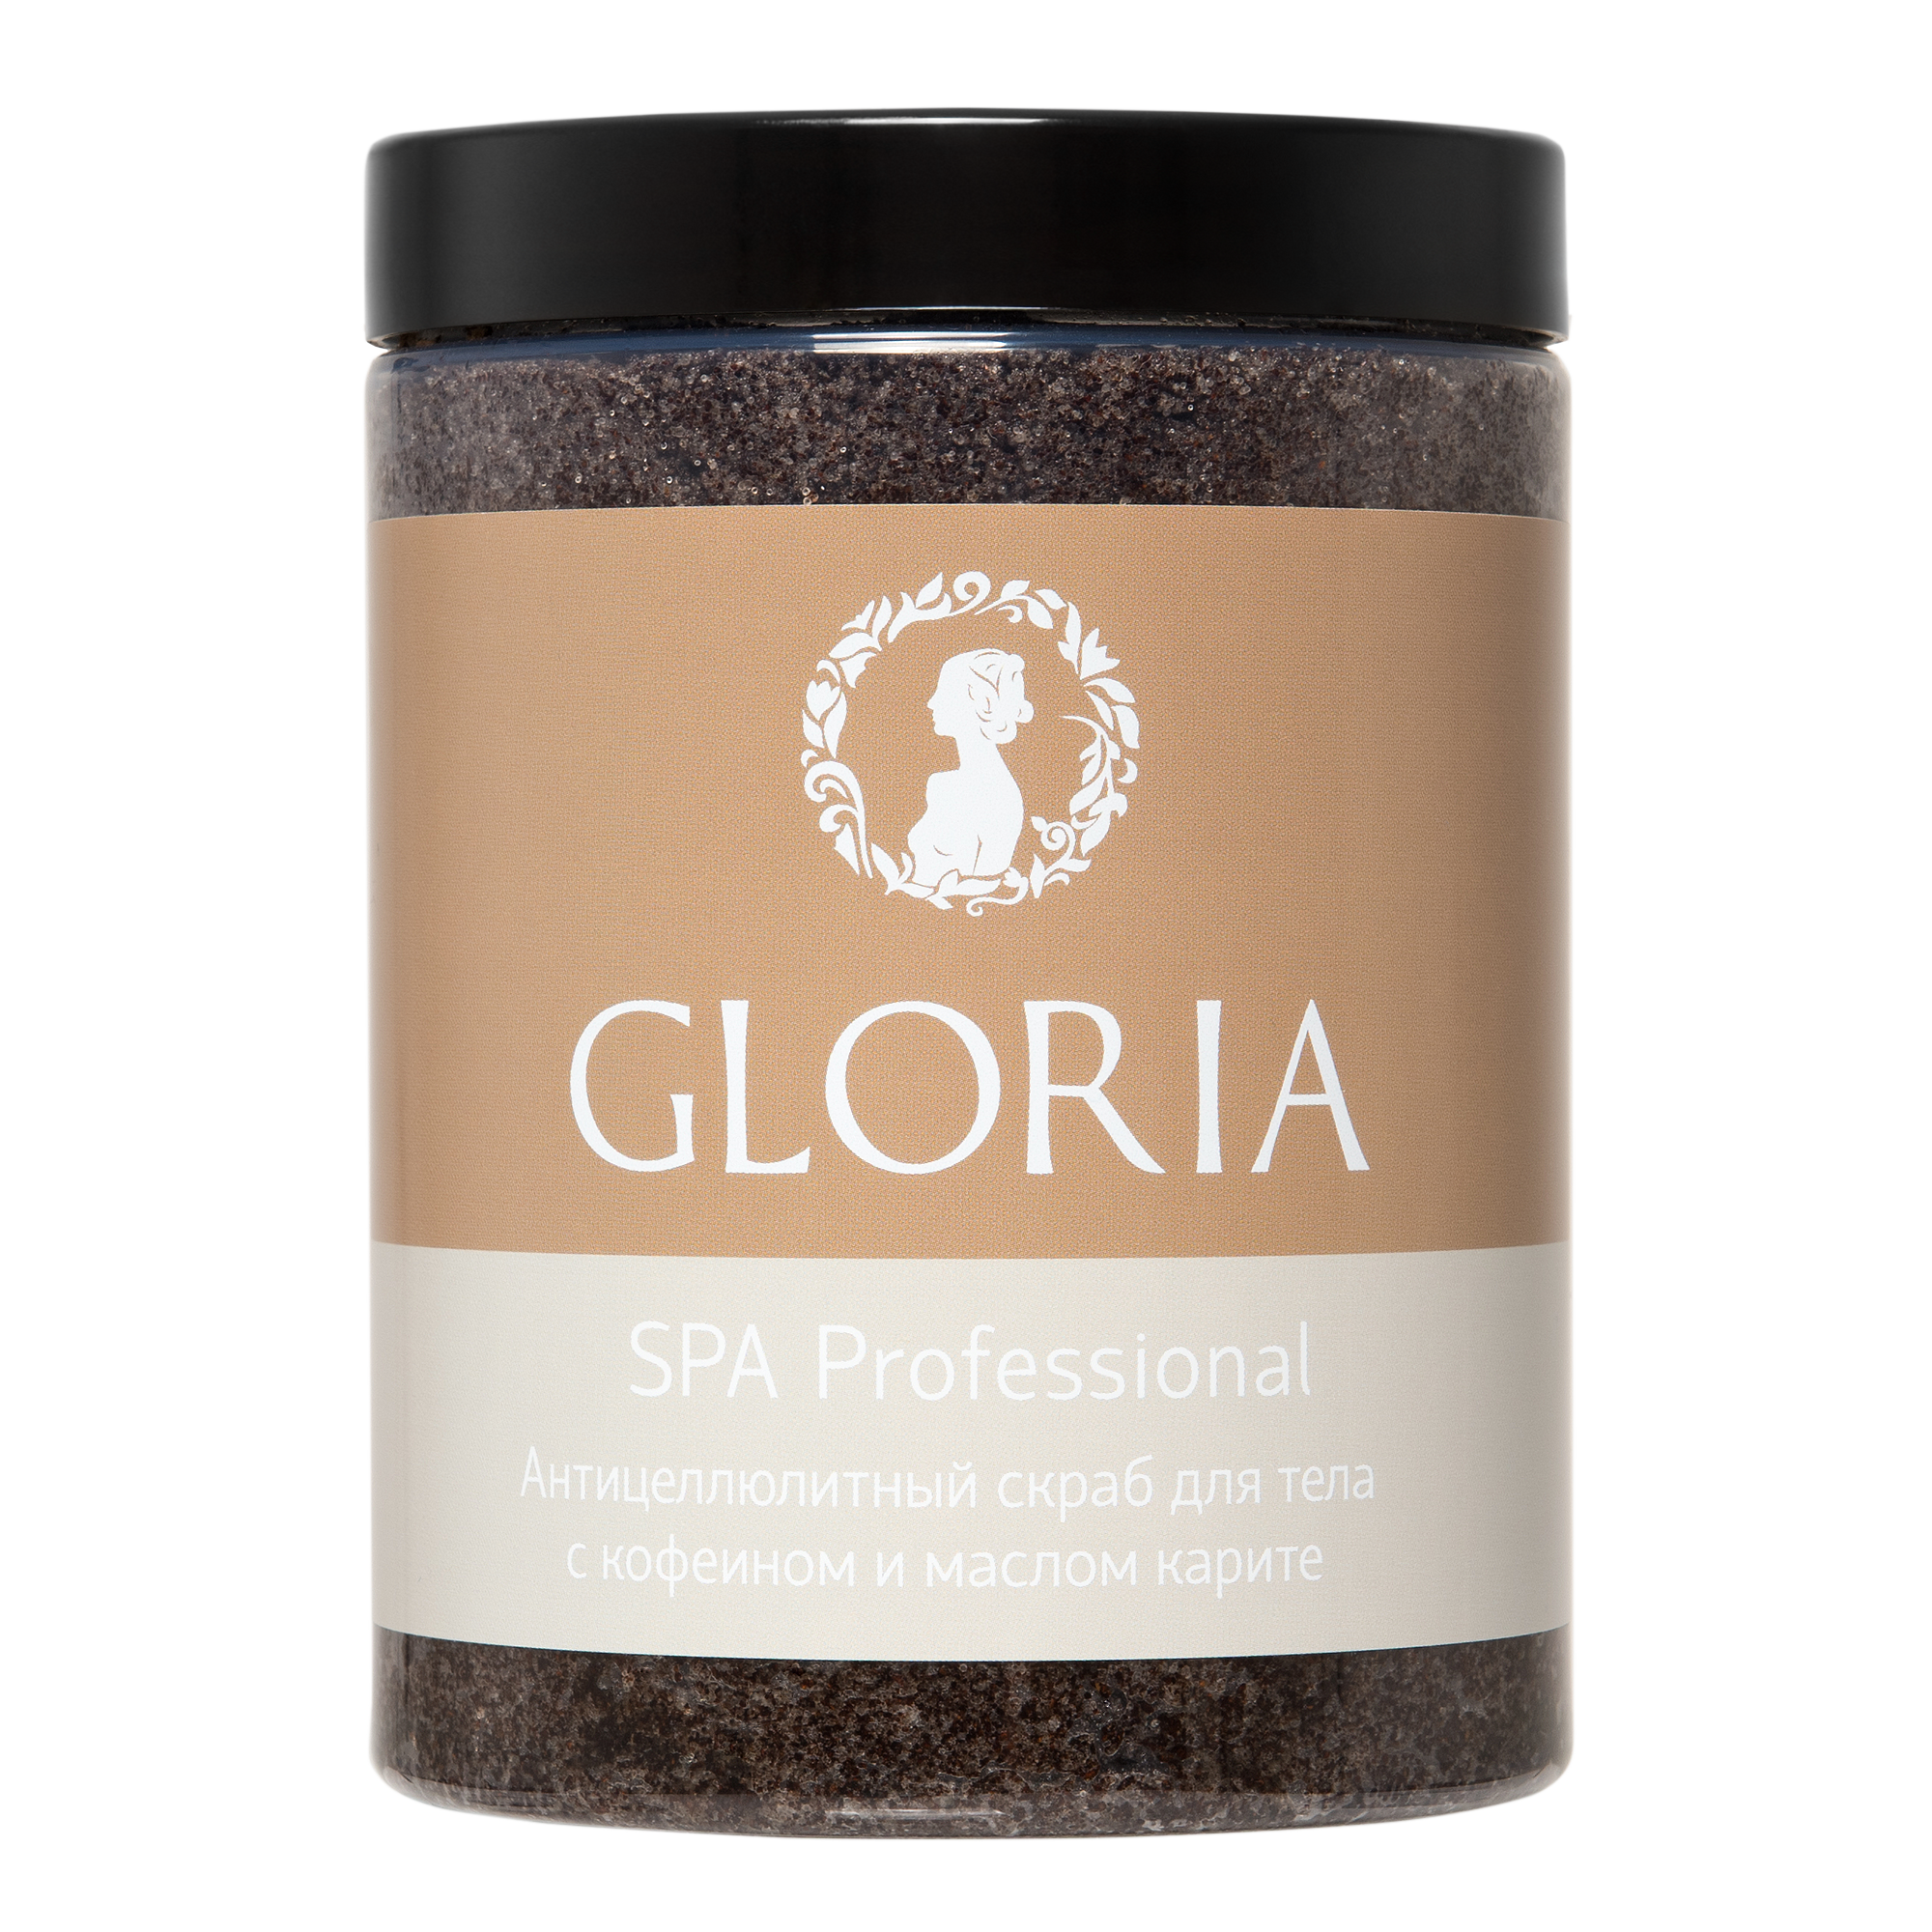 GLORIA Скраб антицеллюлитный для тела с кофеином и маслом каритэ / GLORIA SPA, 1000 мл -  Скрабы